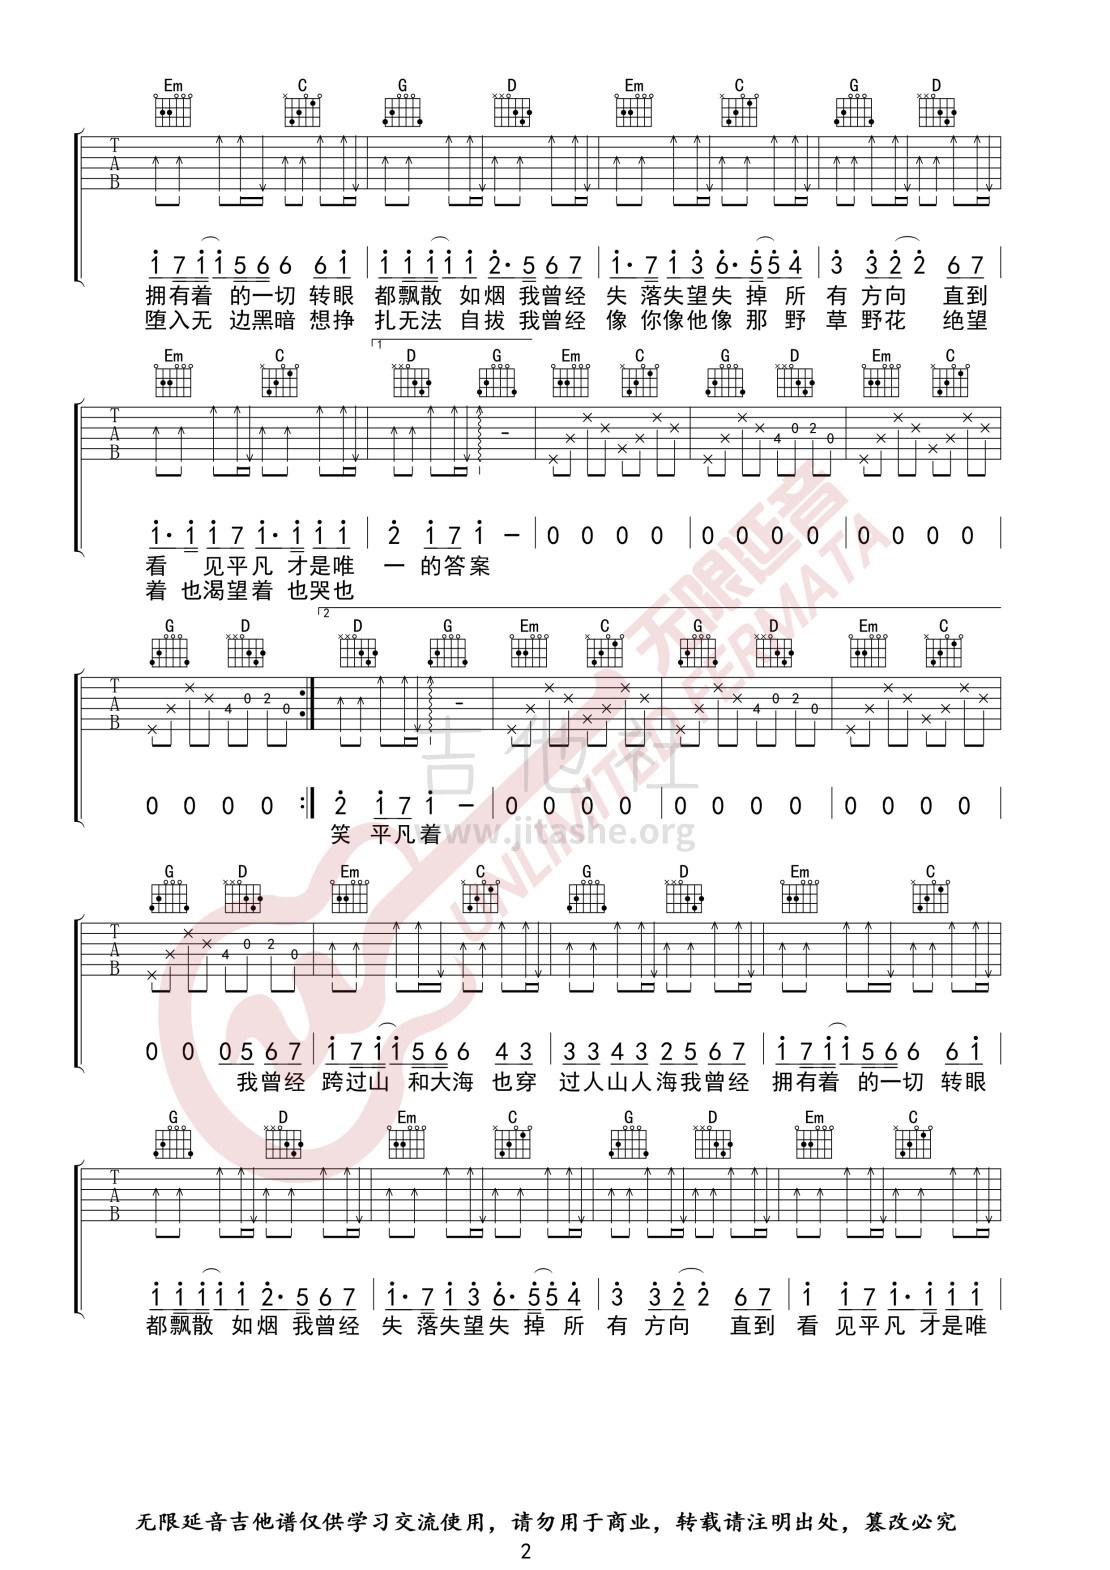 平凡之路 ( 无限延音编配)吉他谱(图片谱,G调,弹唱)_朴树_平凡之路02.jpg